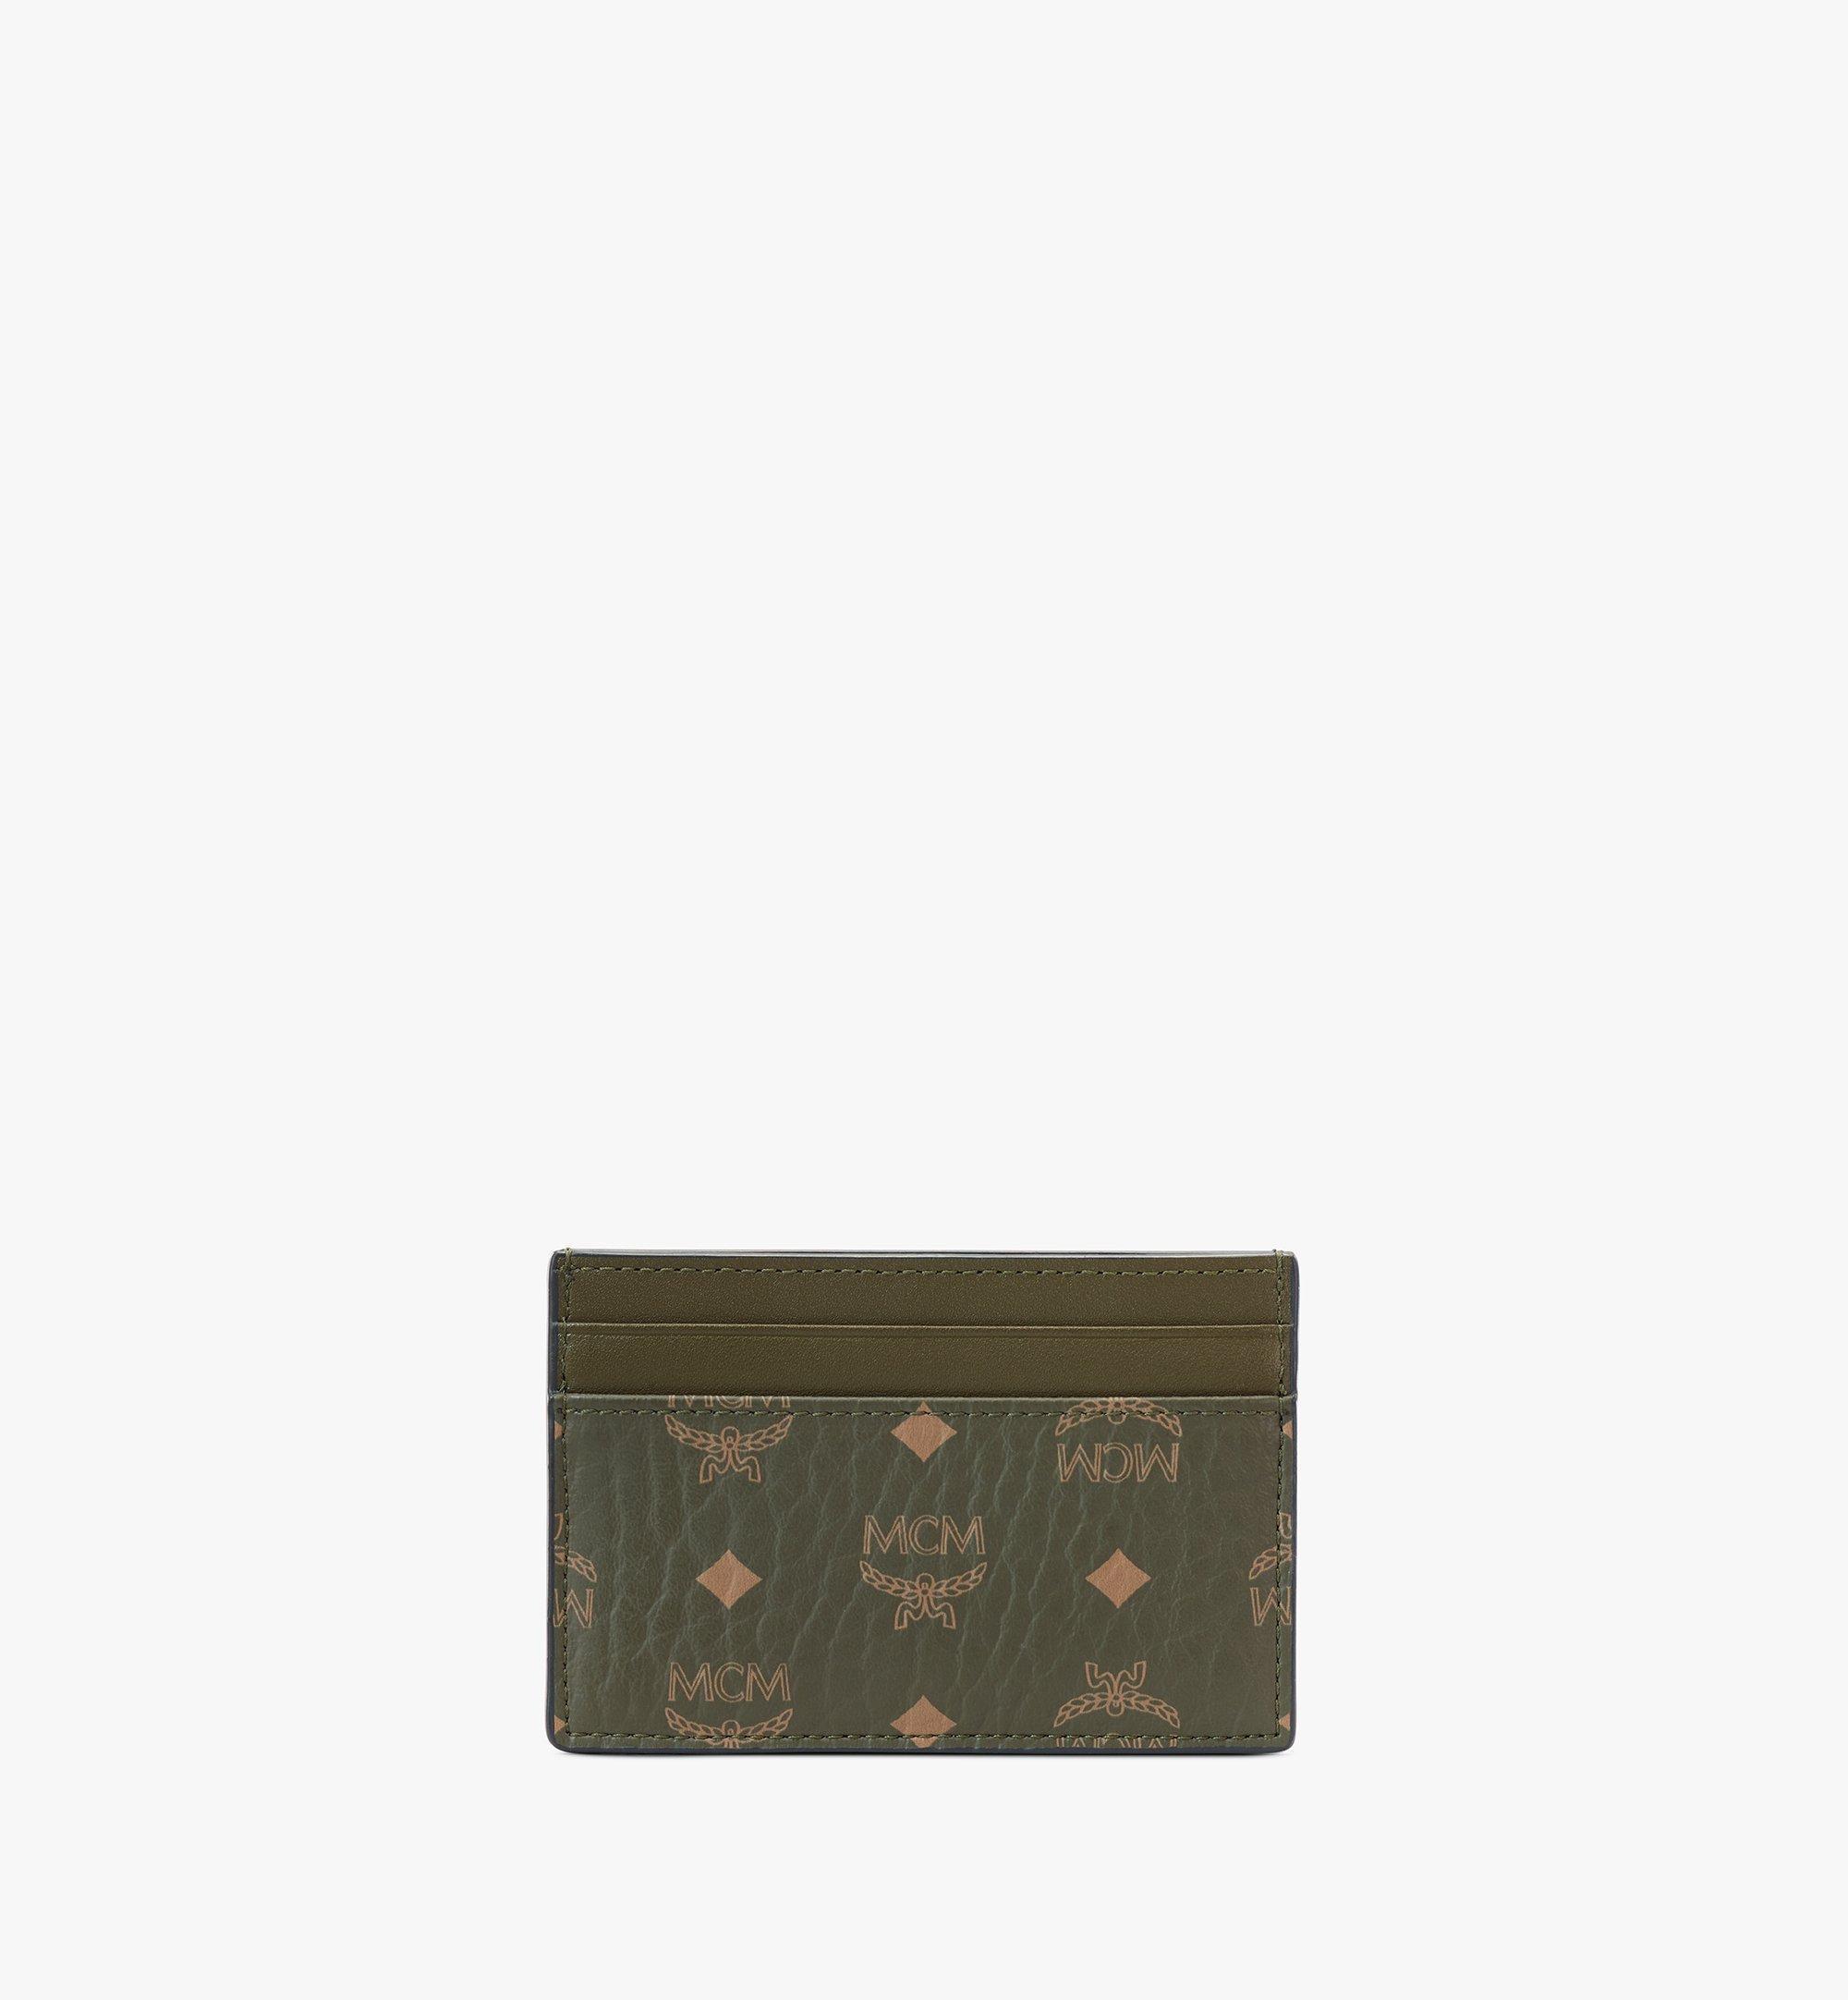 MCM 〈ヴィセトス オリジナル〉カードケース Green MXAAAVI01JH001 ほかの角度から見る 1